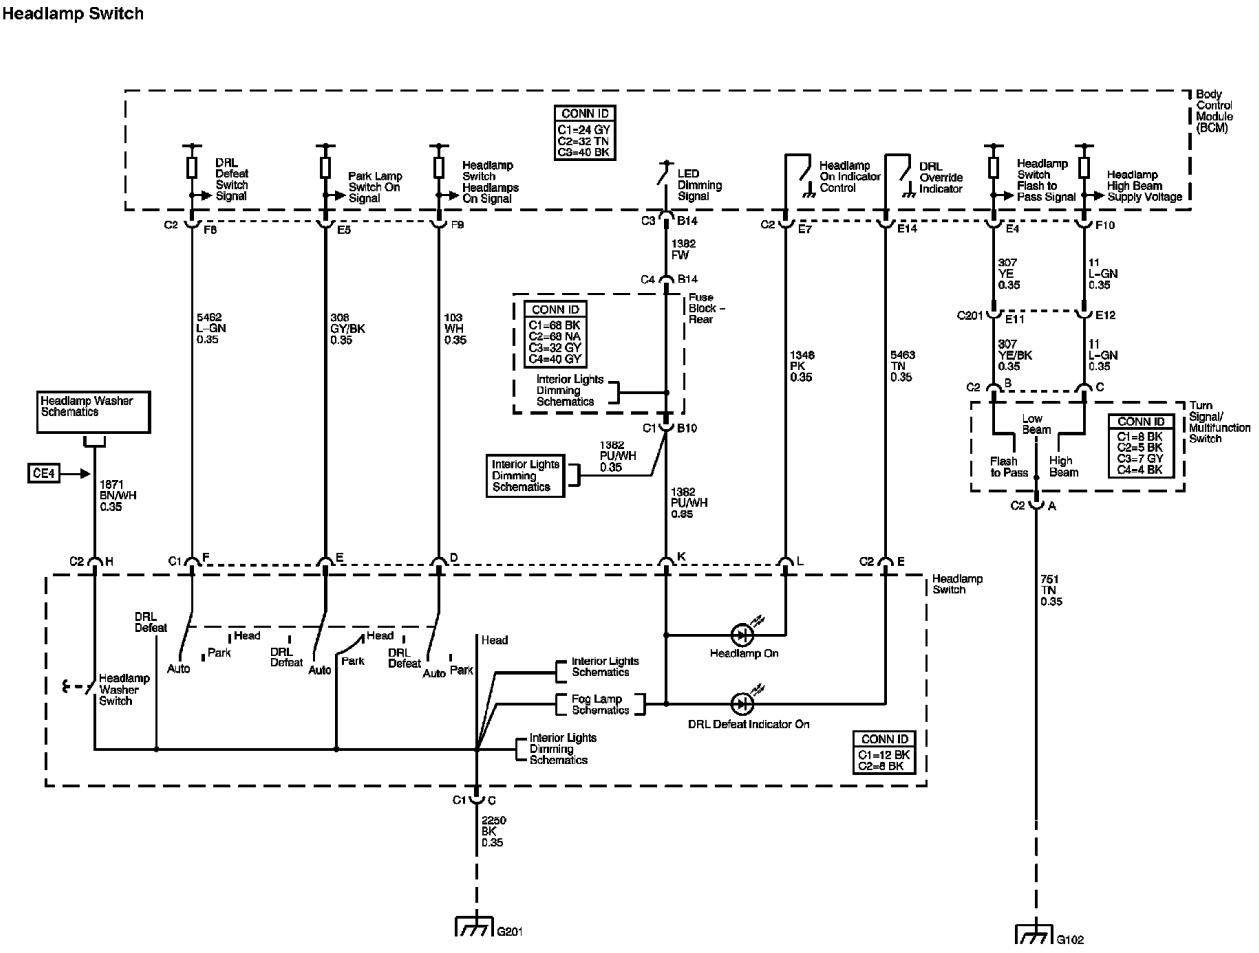 2005 chevy trailblazer wiring schematic | sultan-paveme all wiring diagram  - sultan-paveme.apafss.eu  apafss.eu